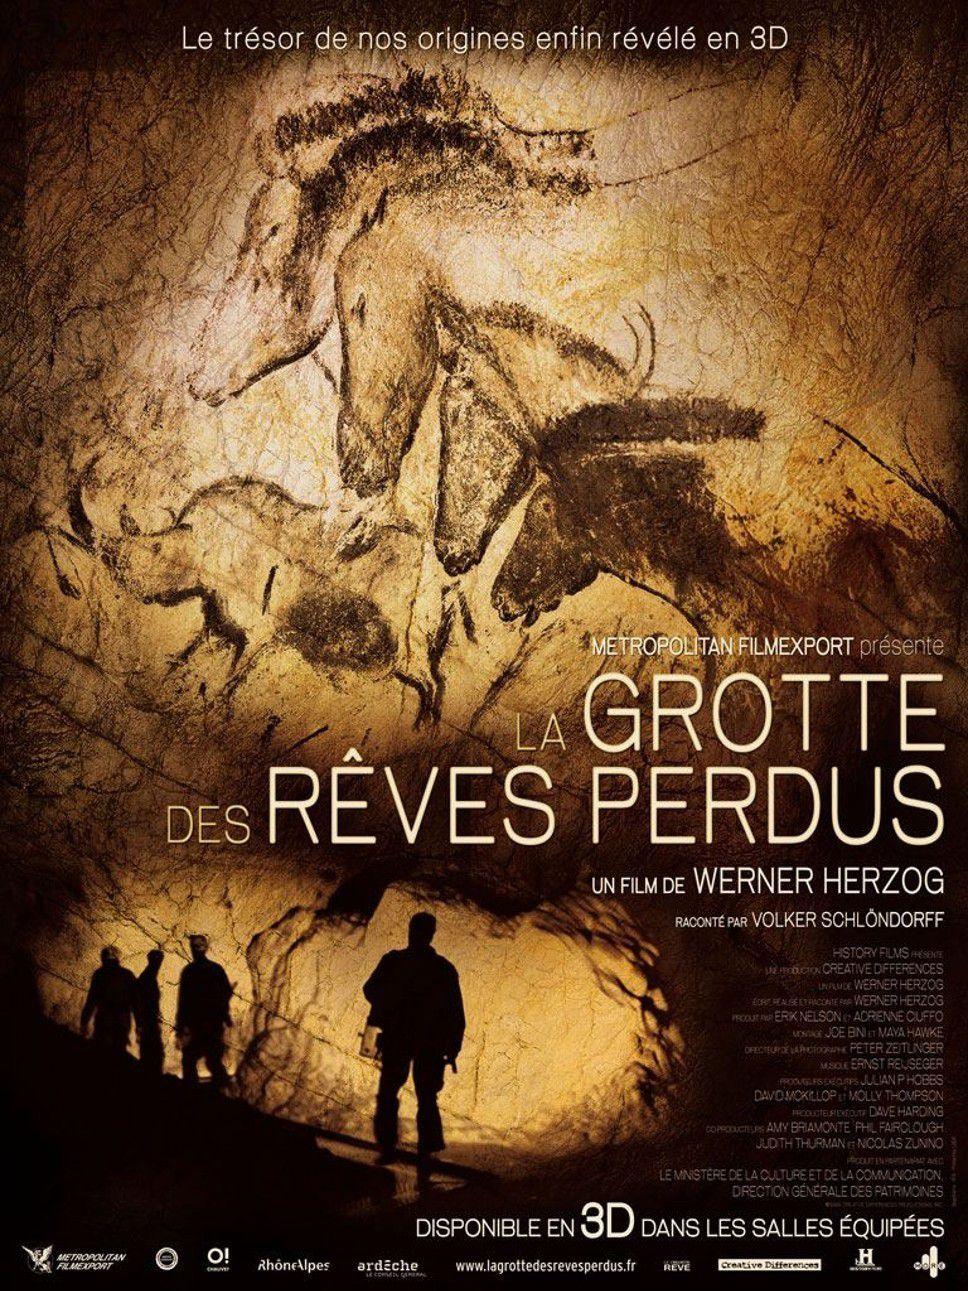 La Grotte des rêves perdus - Documentaire (2011)